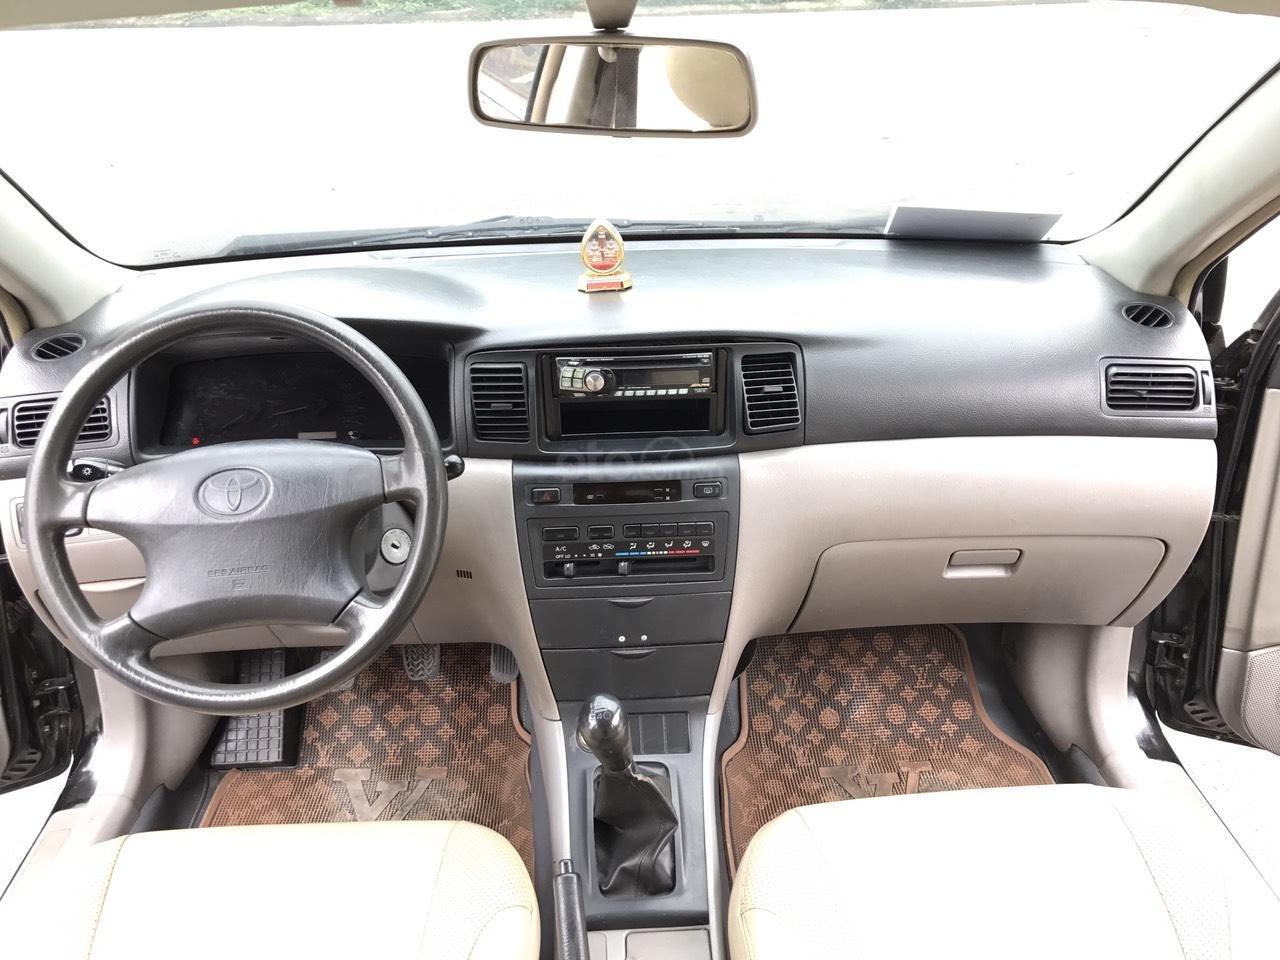 Cần bán xe Toyota Corolla altis 1.8G đời 2003, màu đen. Chính chủ cực chất lượng-4